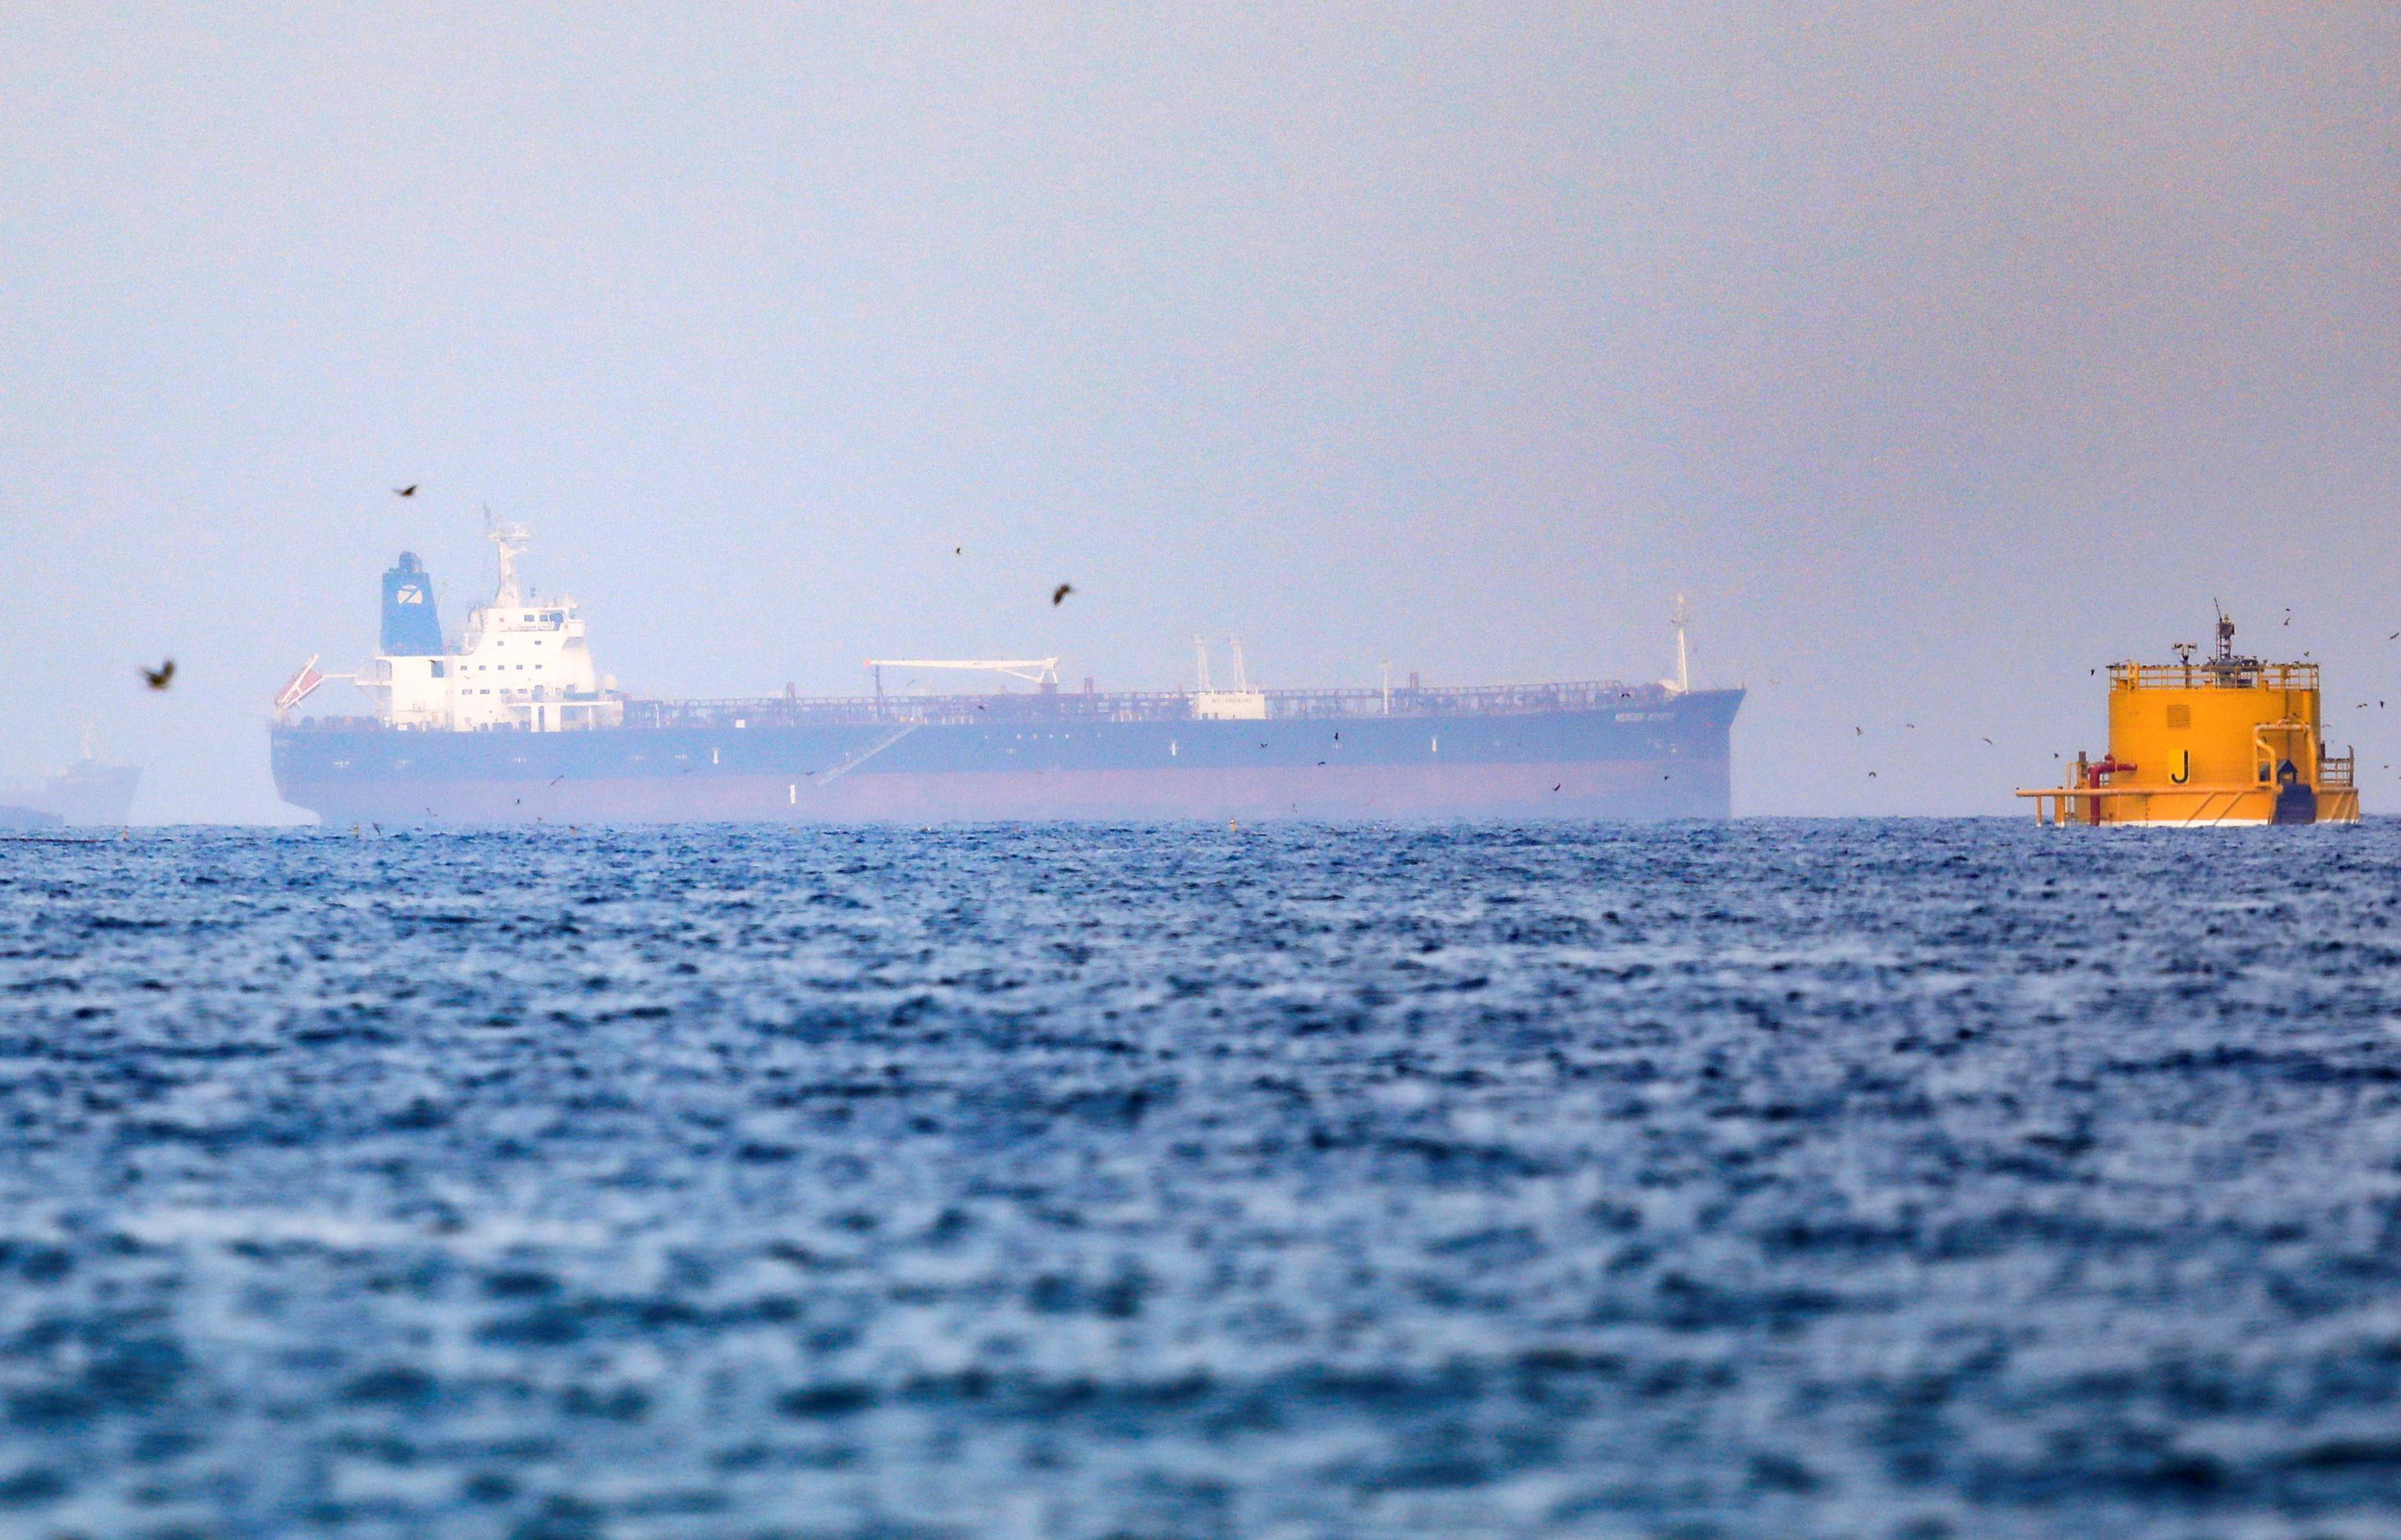 El petrolero Mercer Street, cerca del puerto de Fujairah.